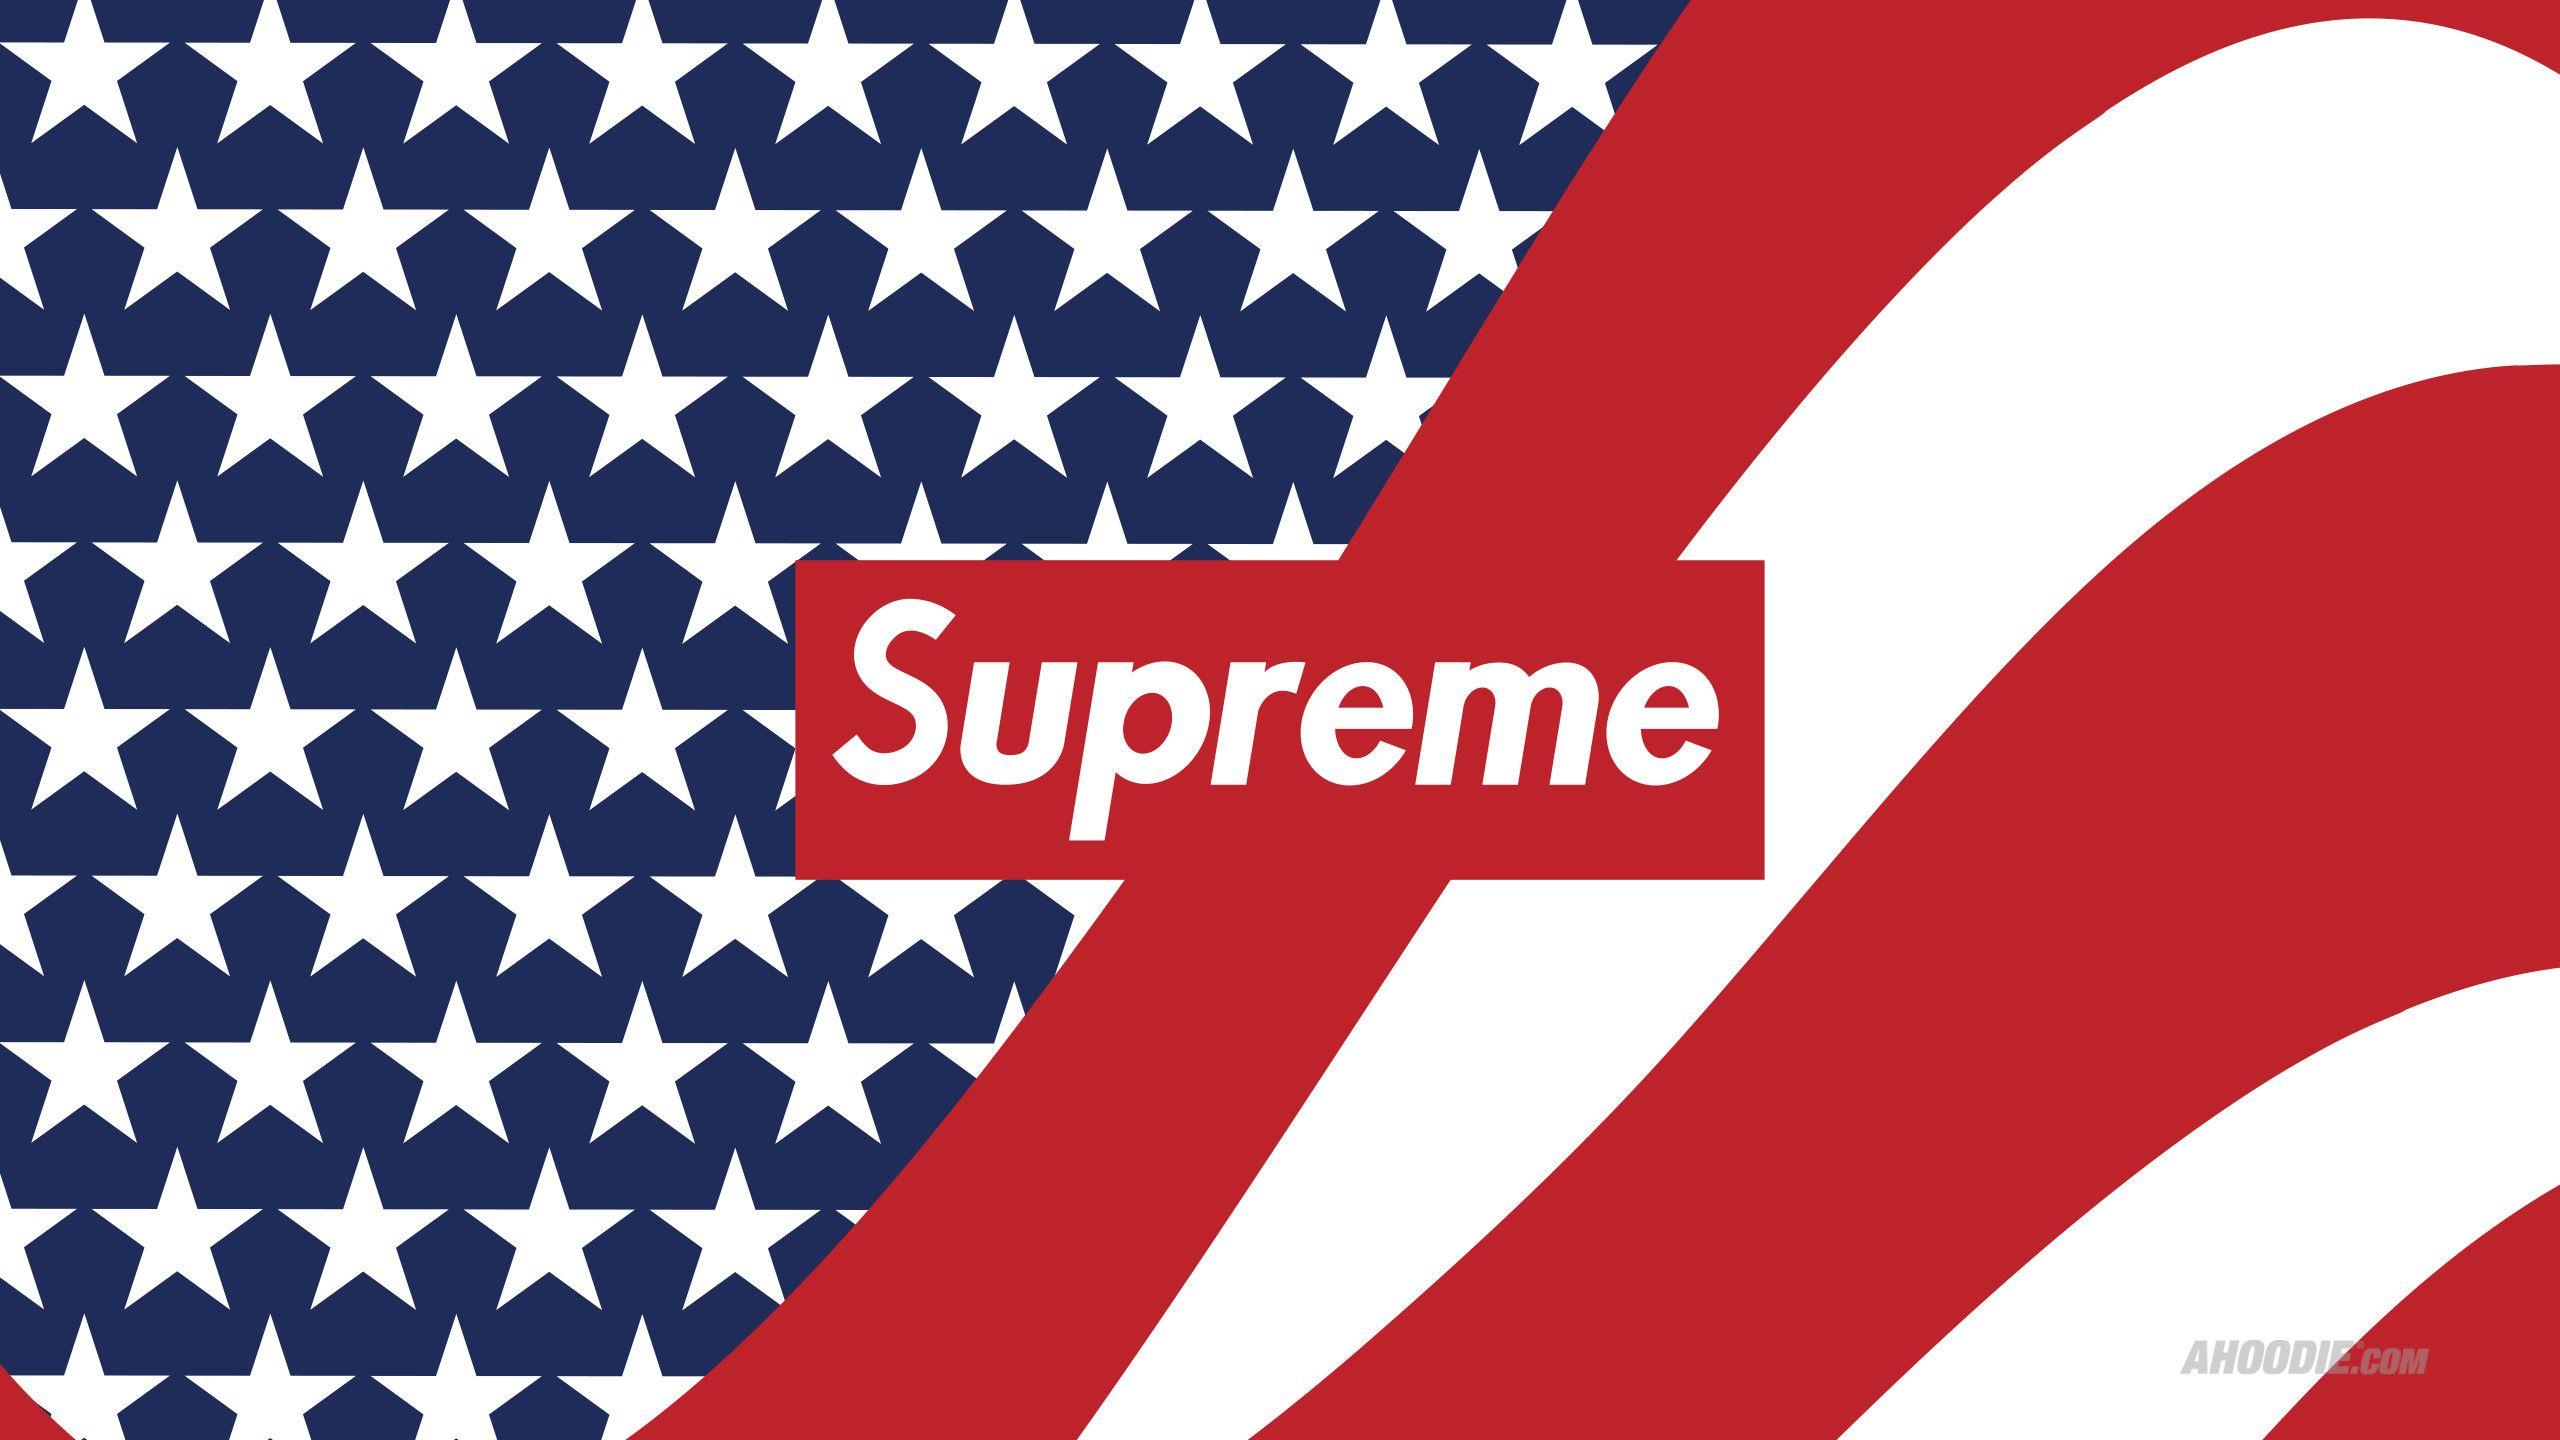 2560x1440 supreme wallpaper in 2019 supreme wallpaper